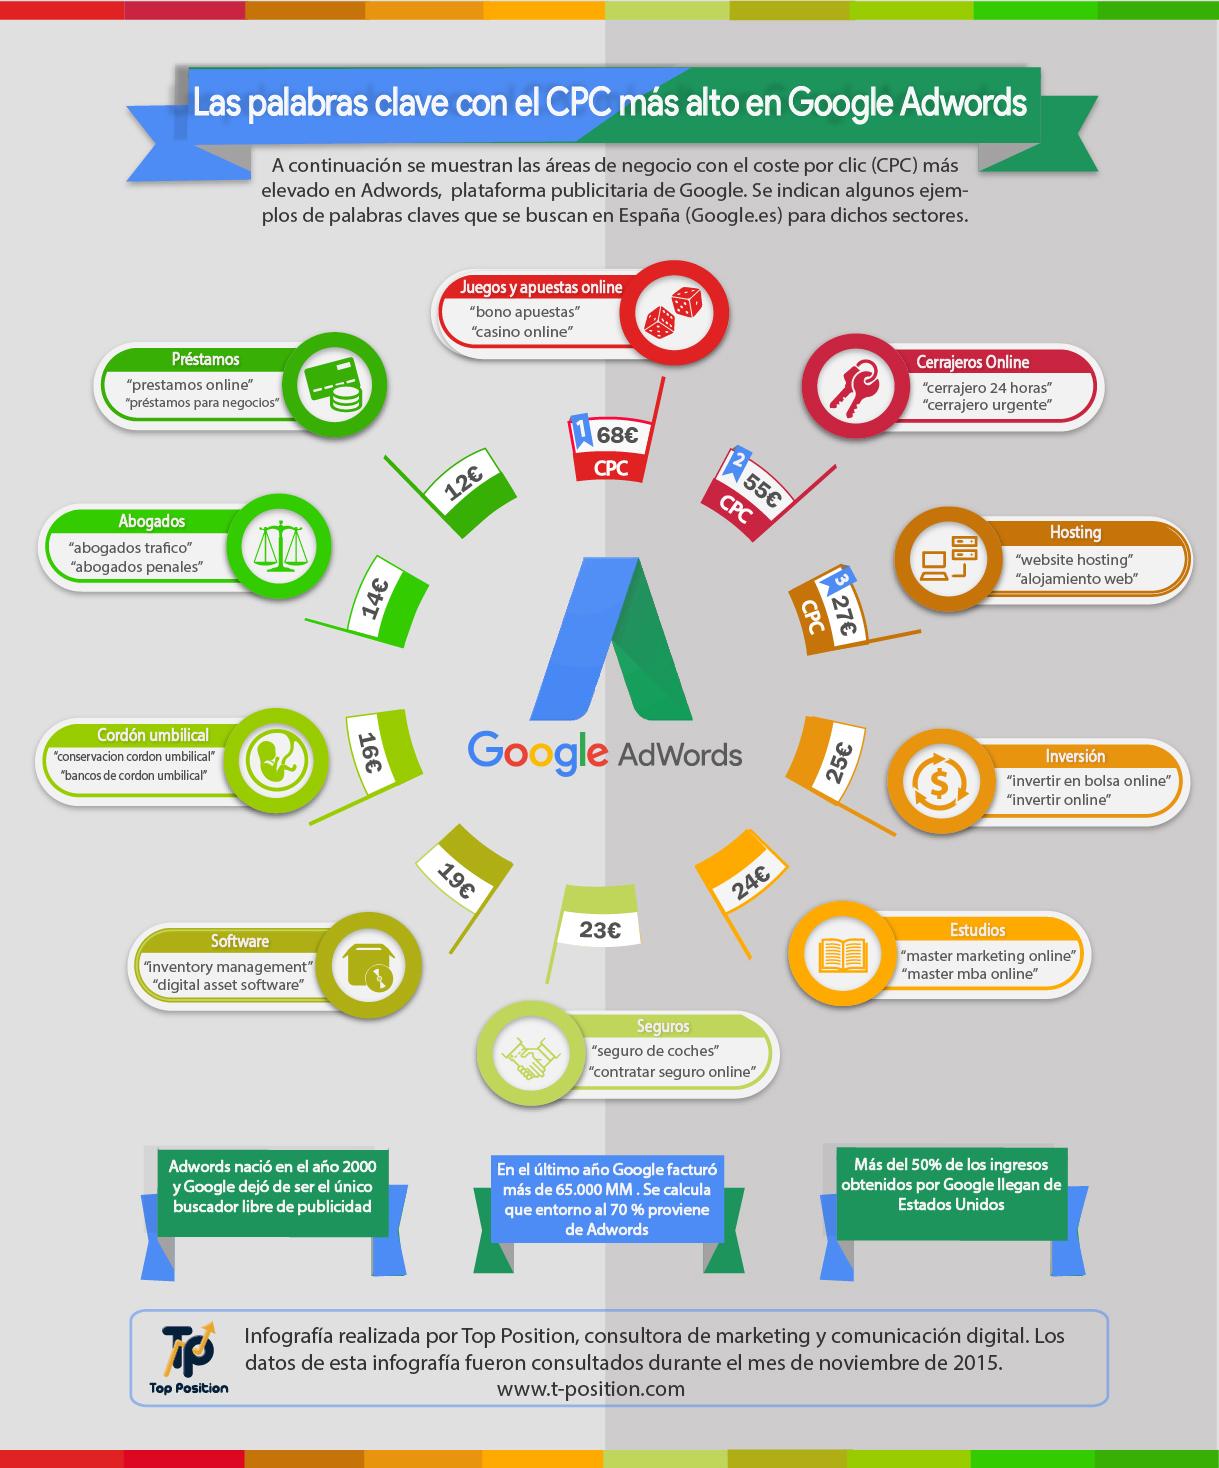 Las palabras clave con el CPC más alto en Google Adwords #infografia #marketing